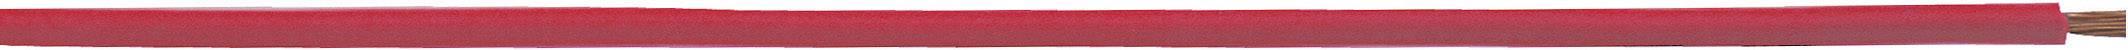 Opletenie / lanko LappKabel 4510082S H05V-K, 1 x 0.75 mm², vonkajší Ø 2.70 mm, 250 m, ružová